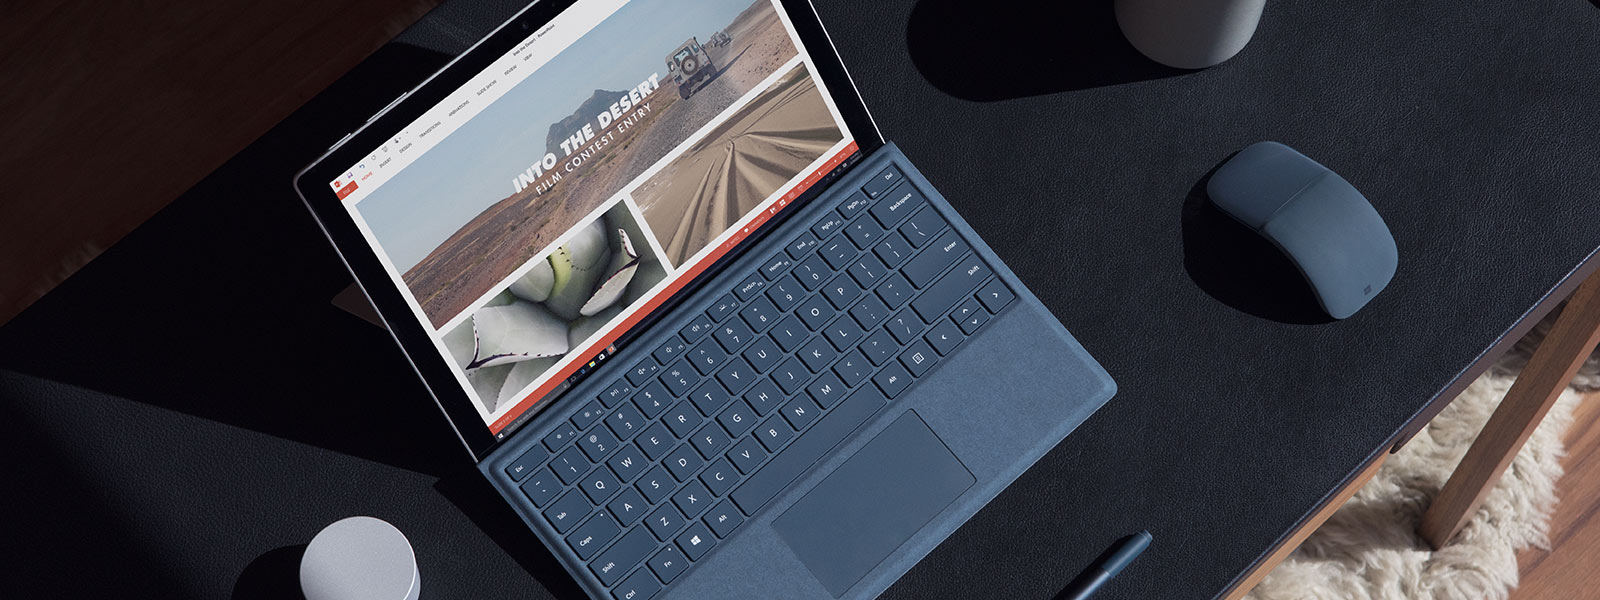 Surface Pro 在木桌上。